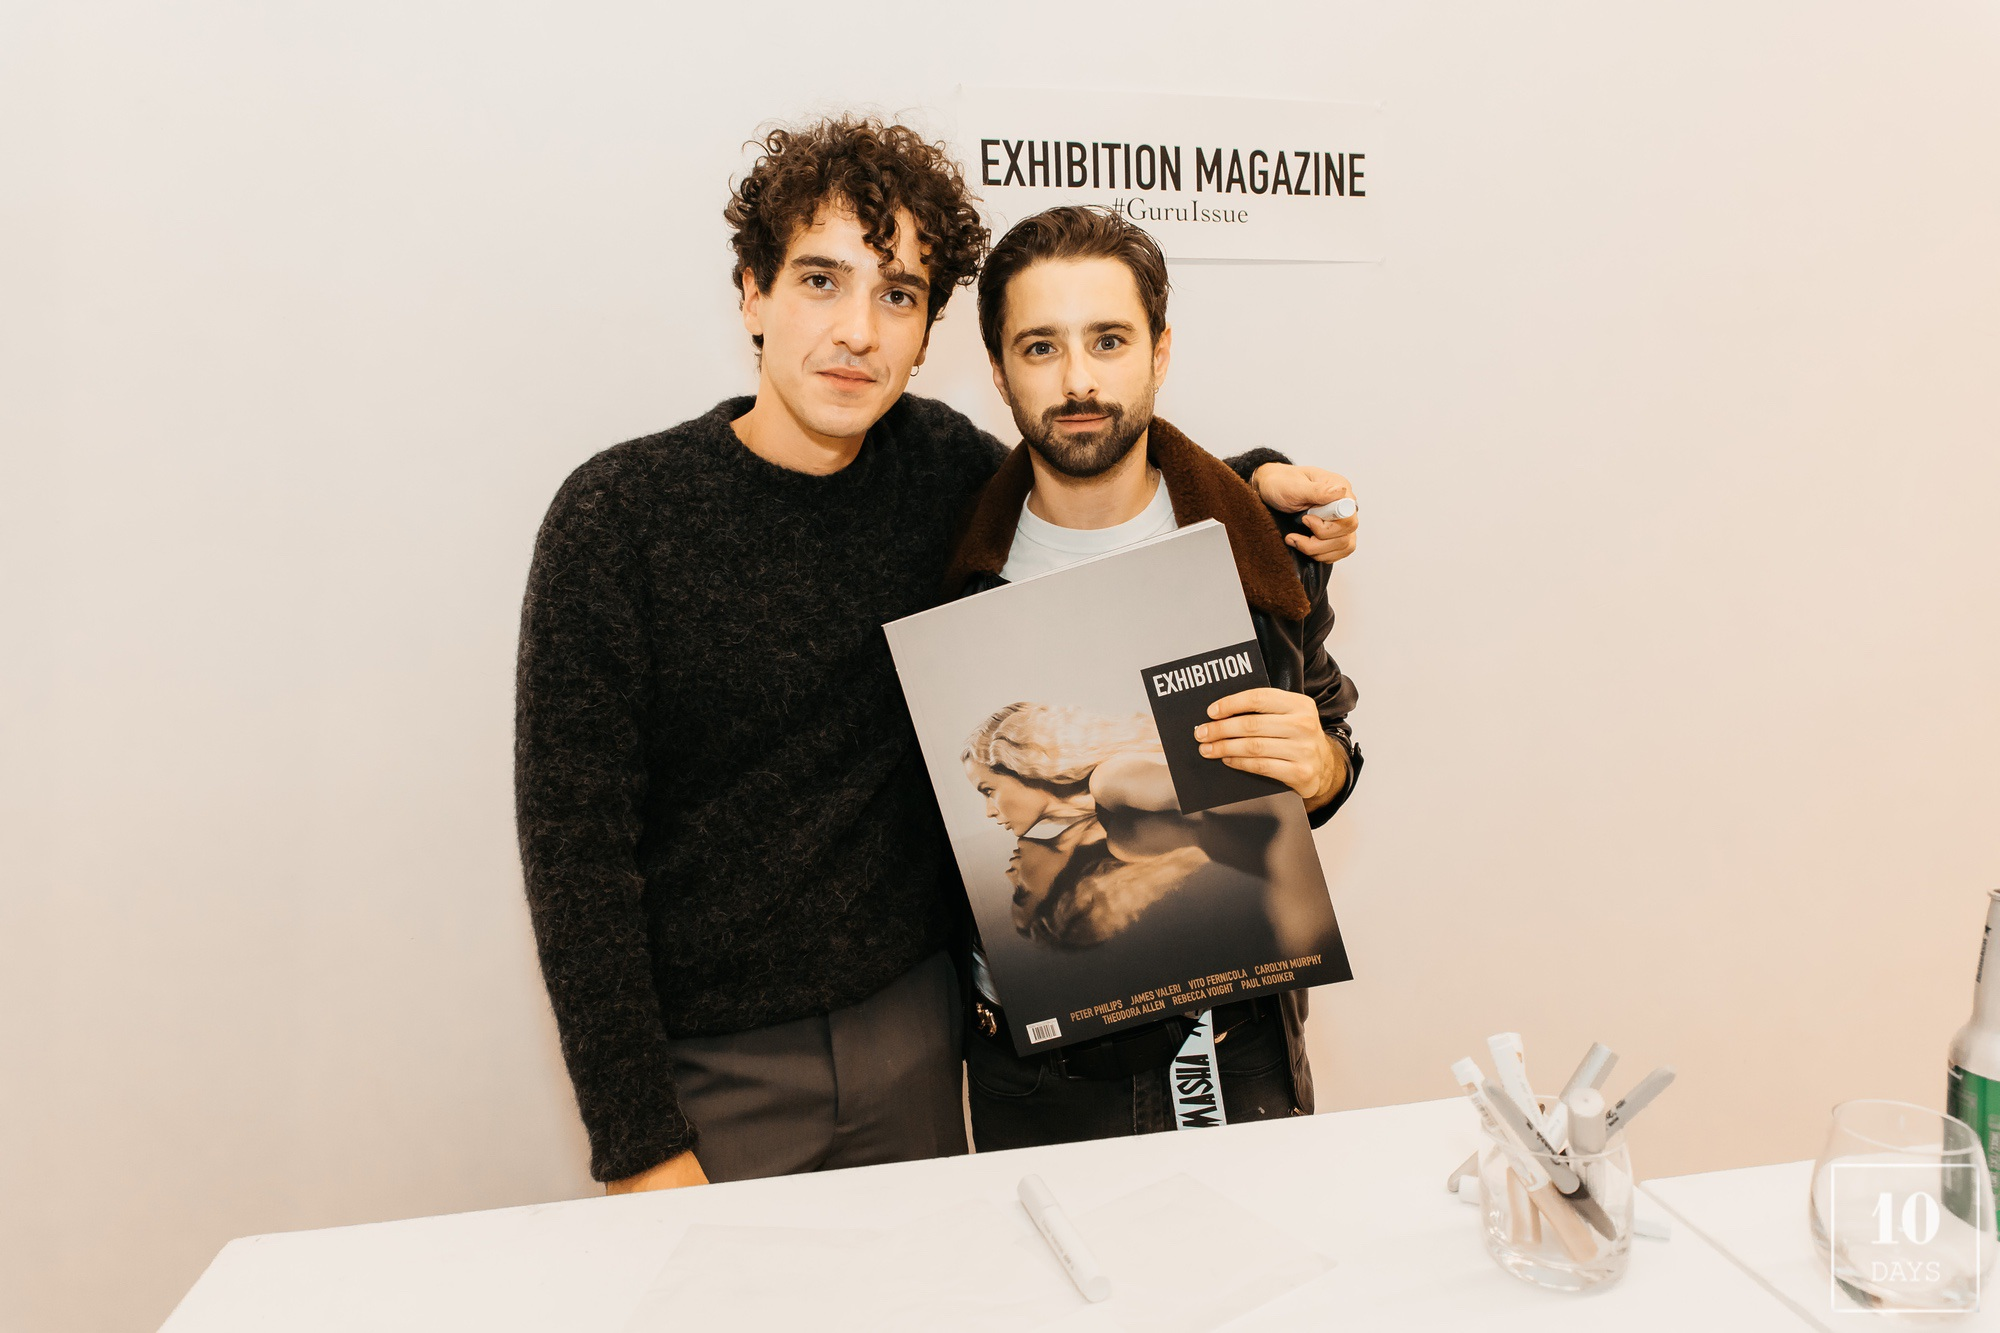 Exhibition Magazine / Guru Issue Launching & Signature